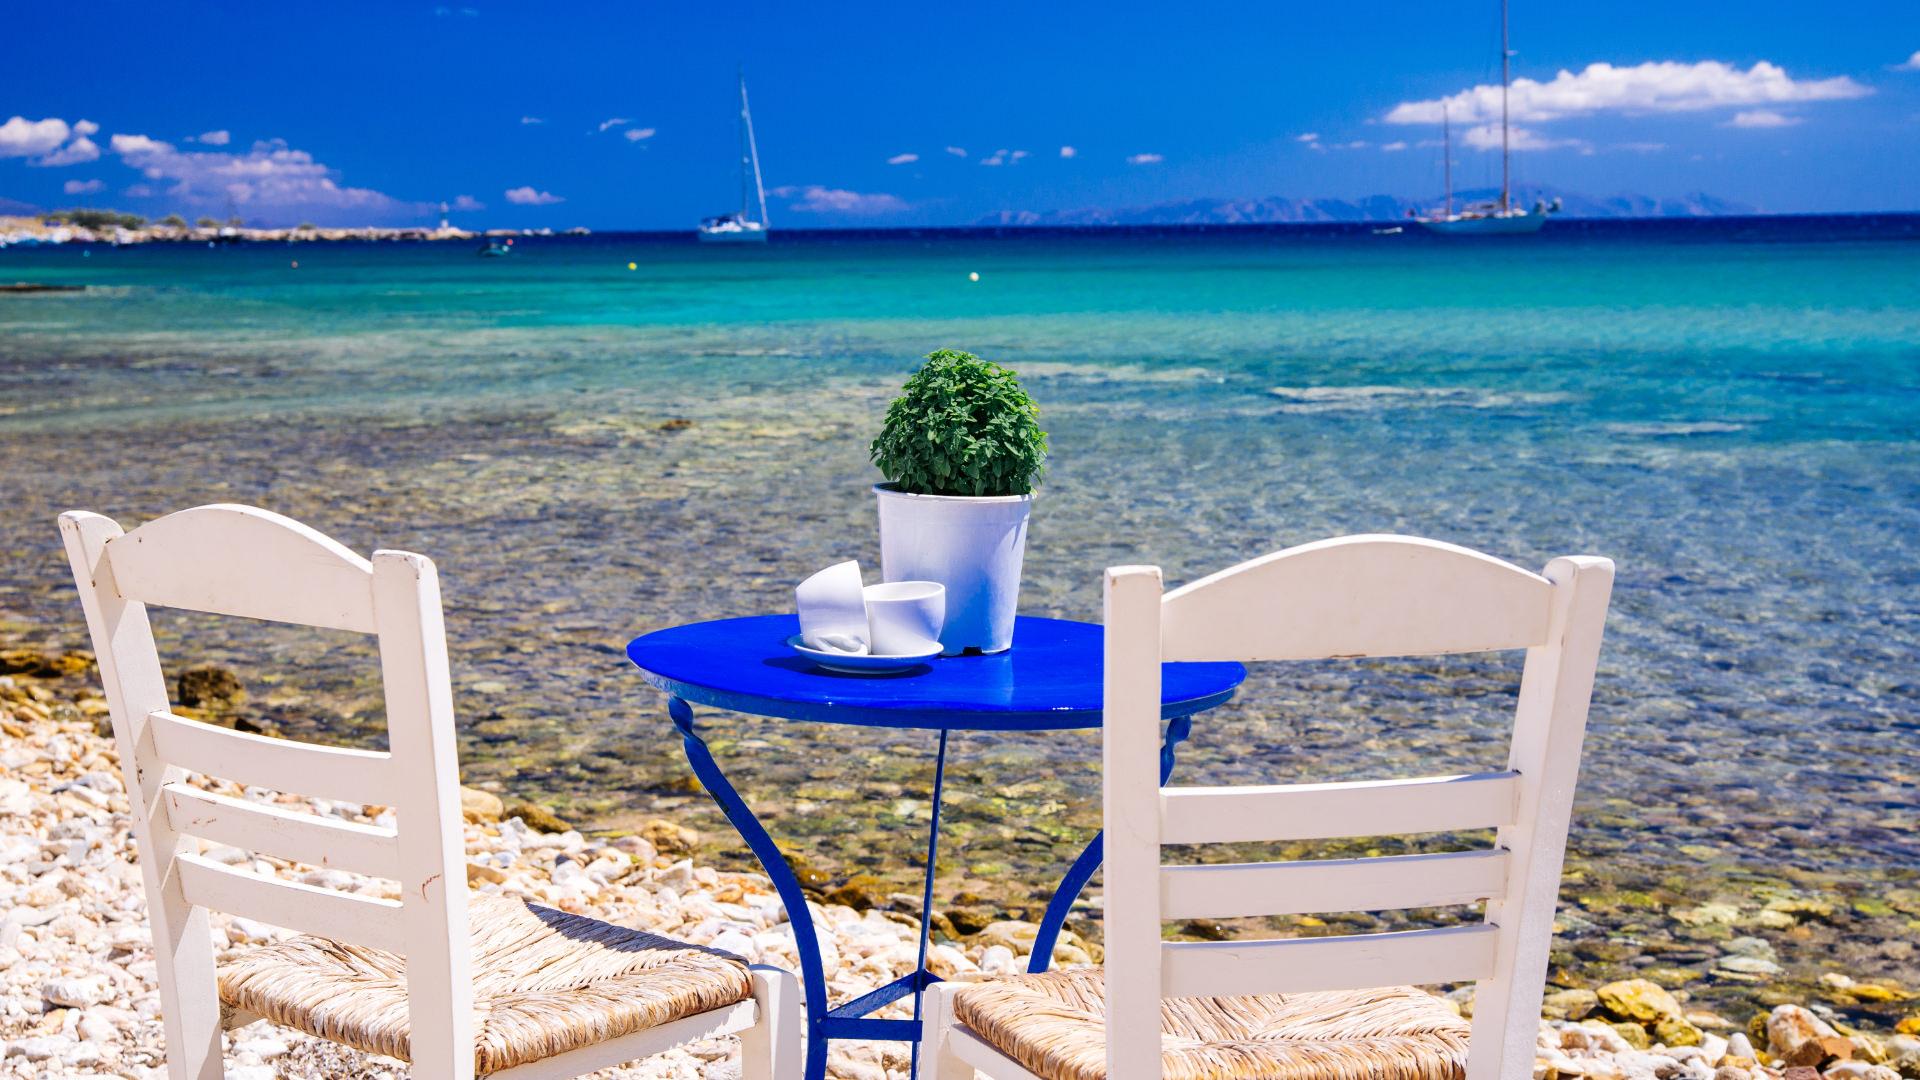 Huzurun, Keyfin ve Tarihin Cevheri, Paros ve Naxos Adaları, Yunanistan